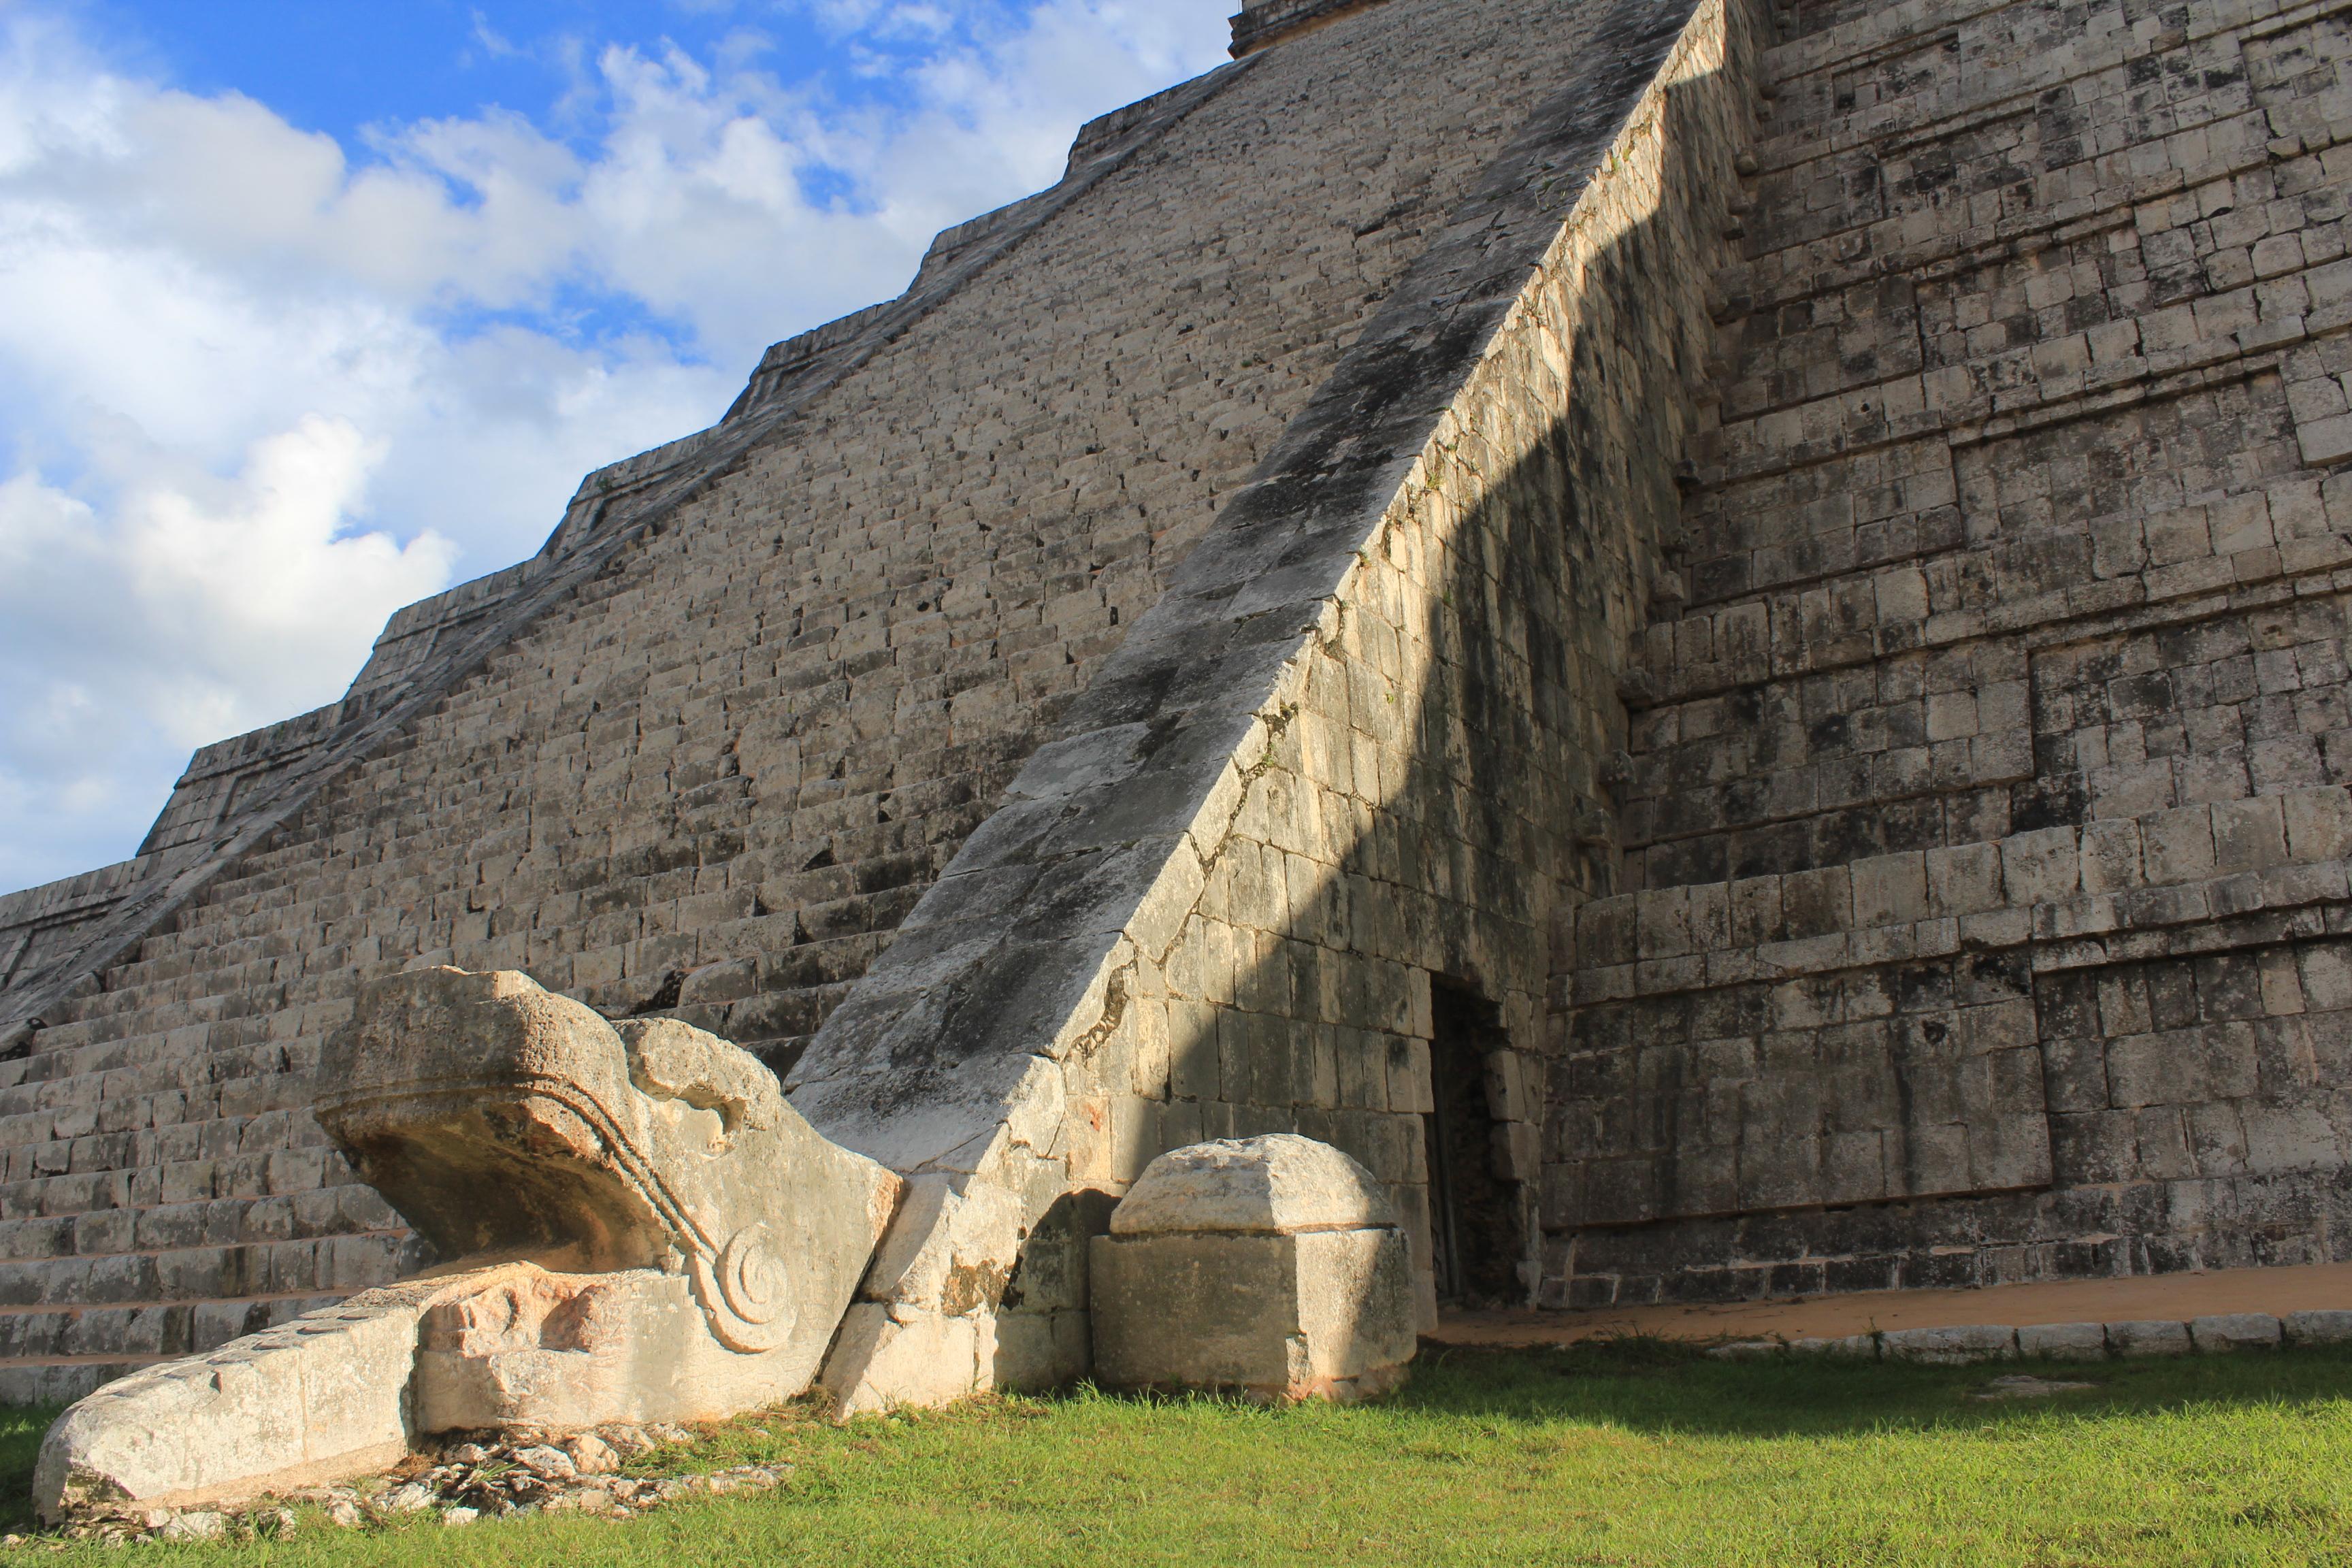 Si vas a Chichén Itzá por el <i>equinoccio</i>, piénsalo 2 veces: pronostican nublados